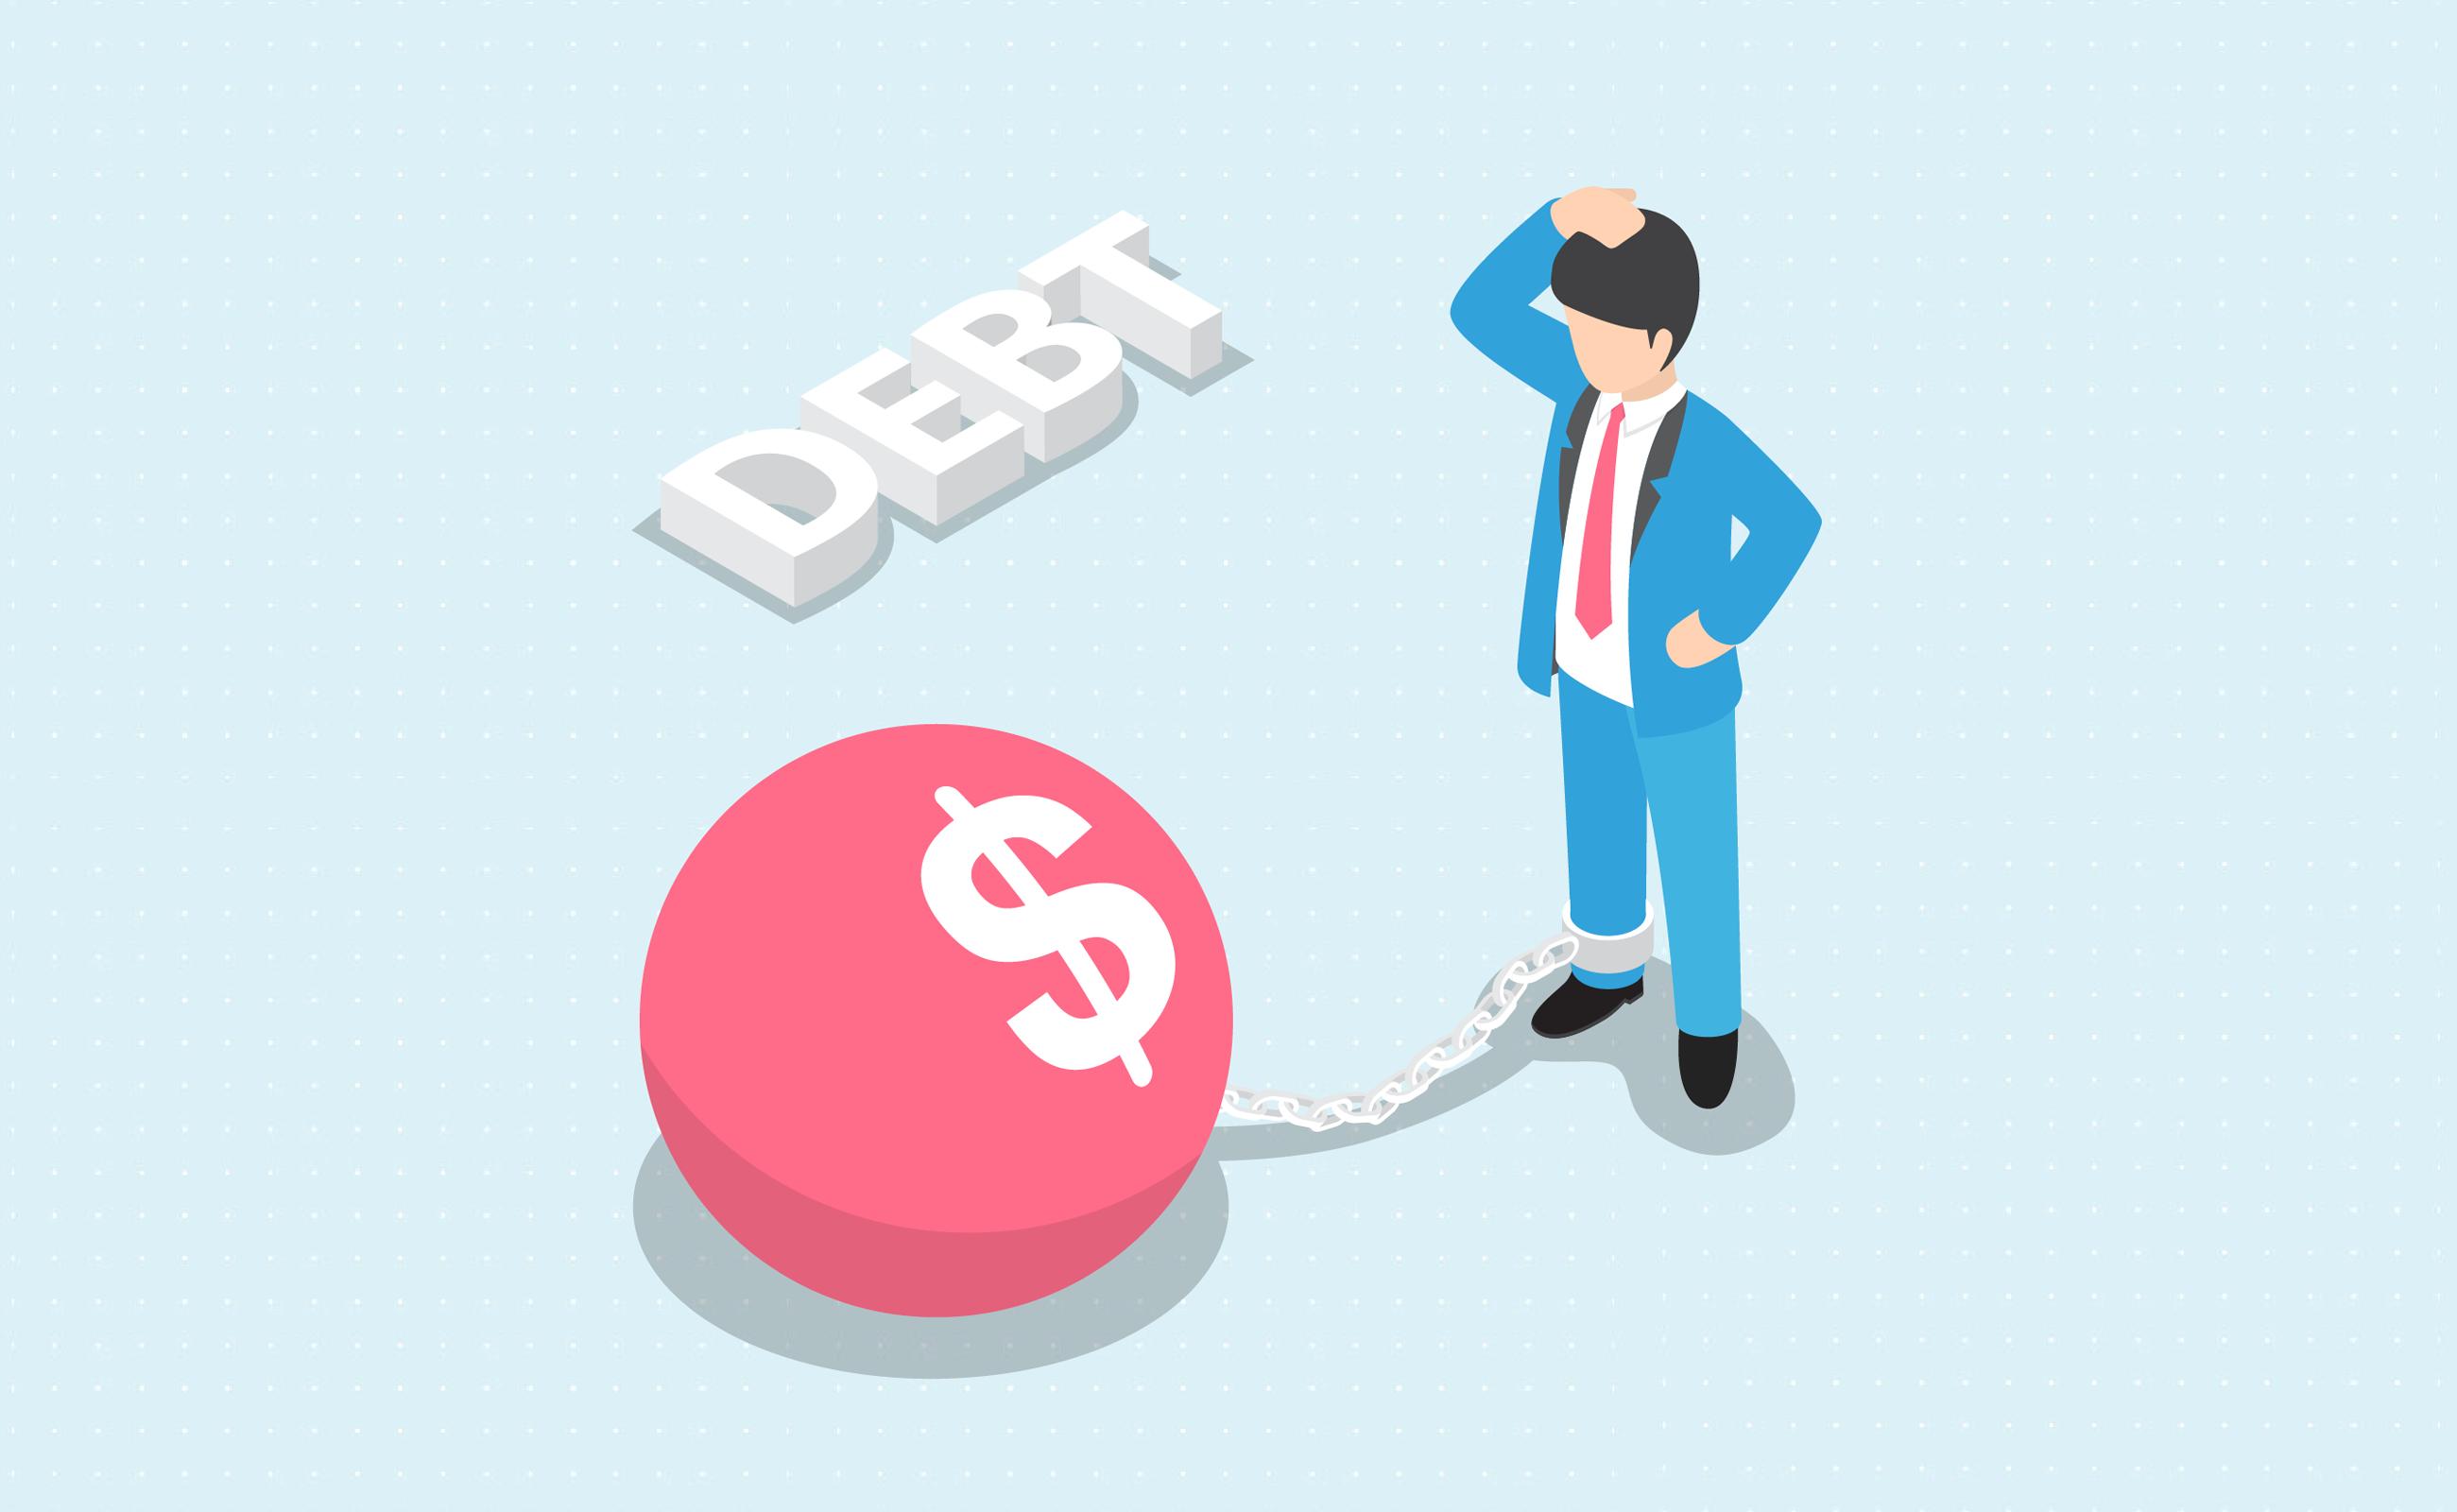 Personal debt burden